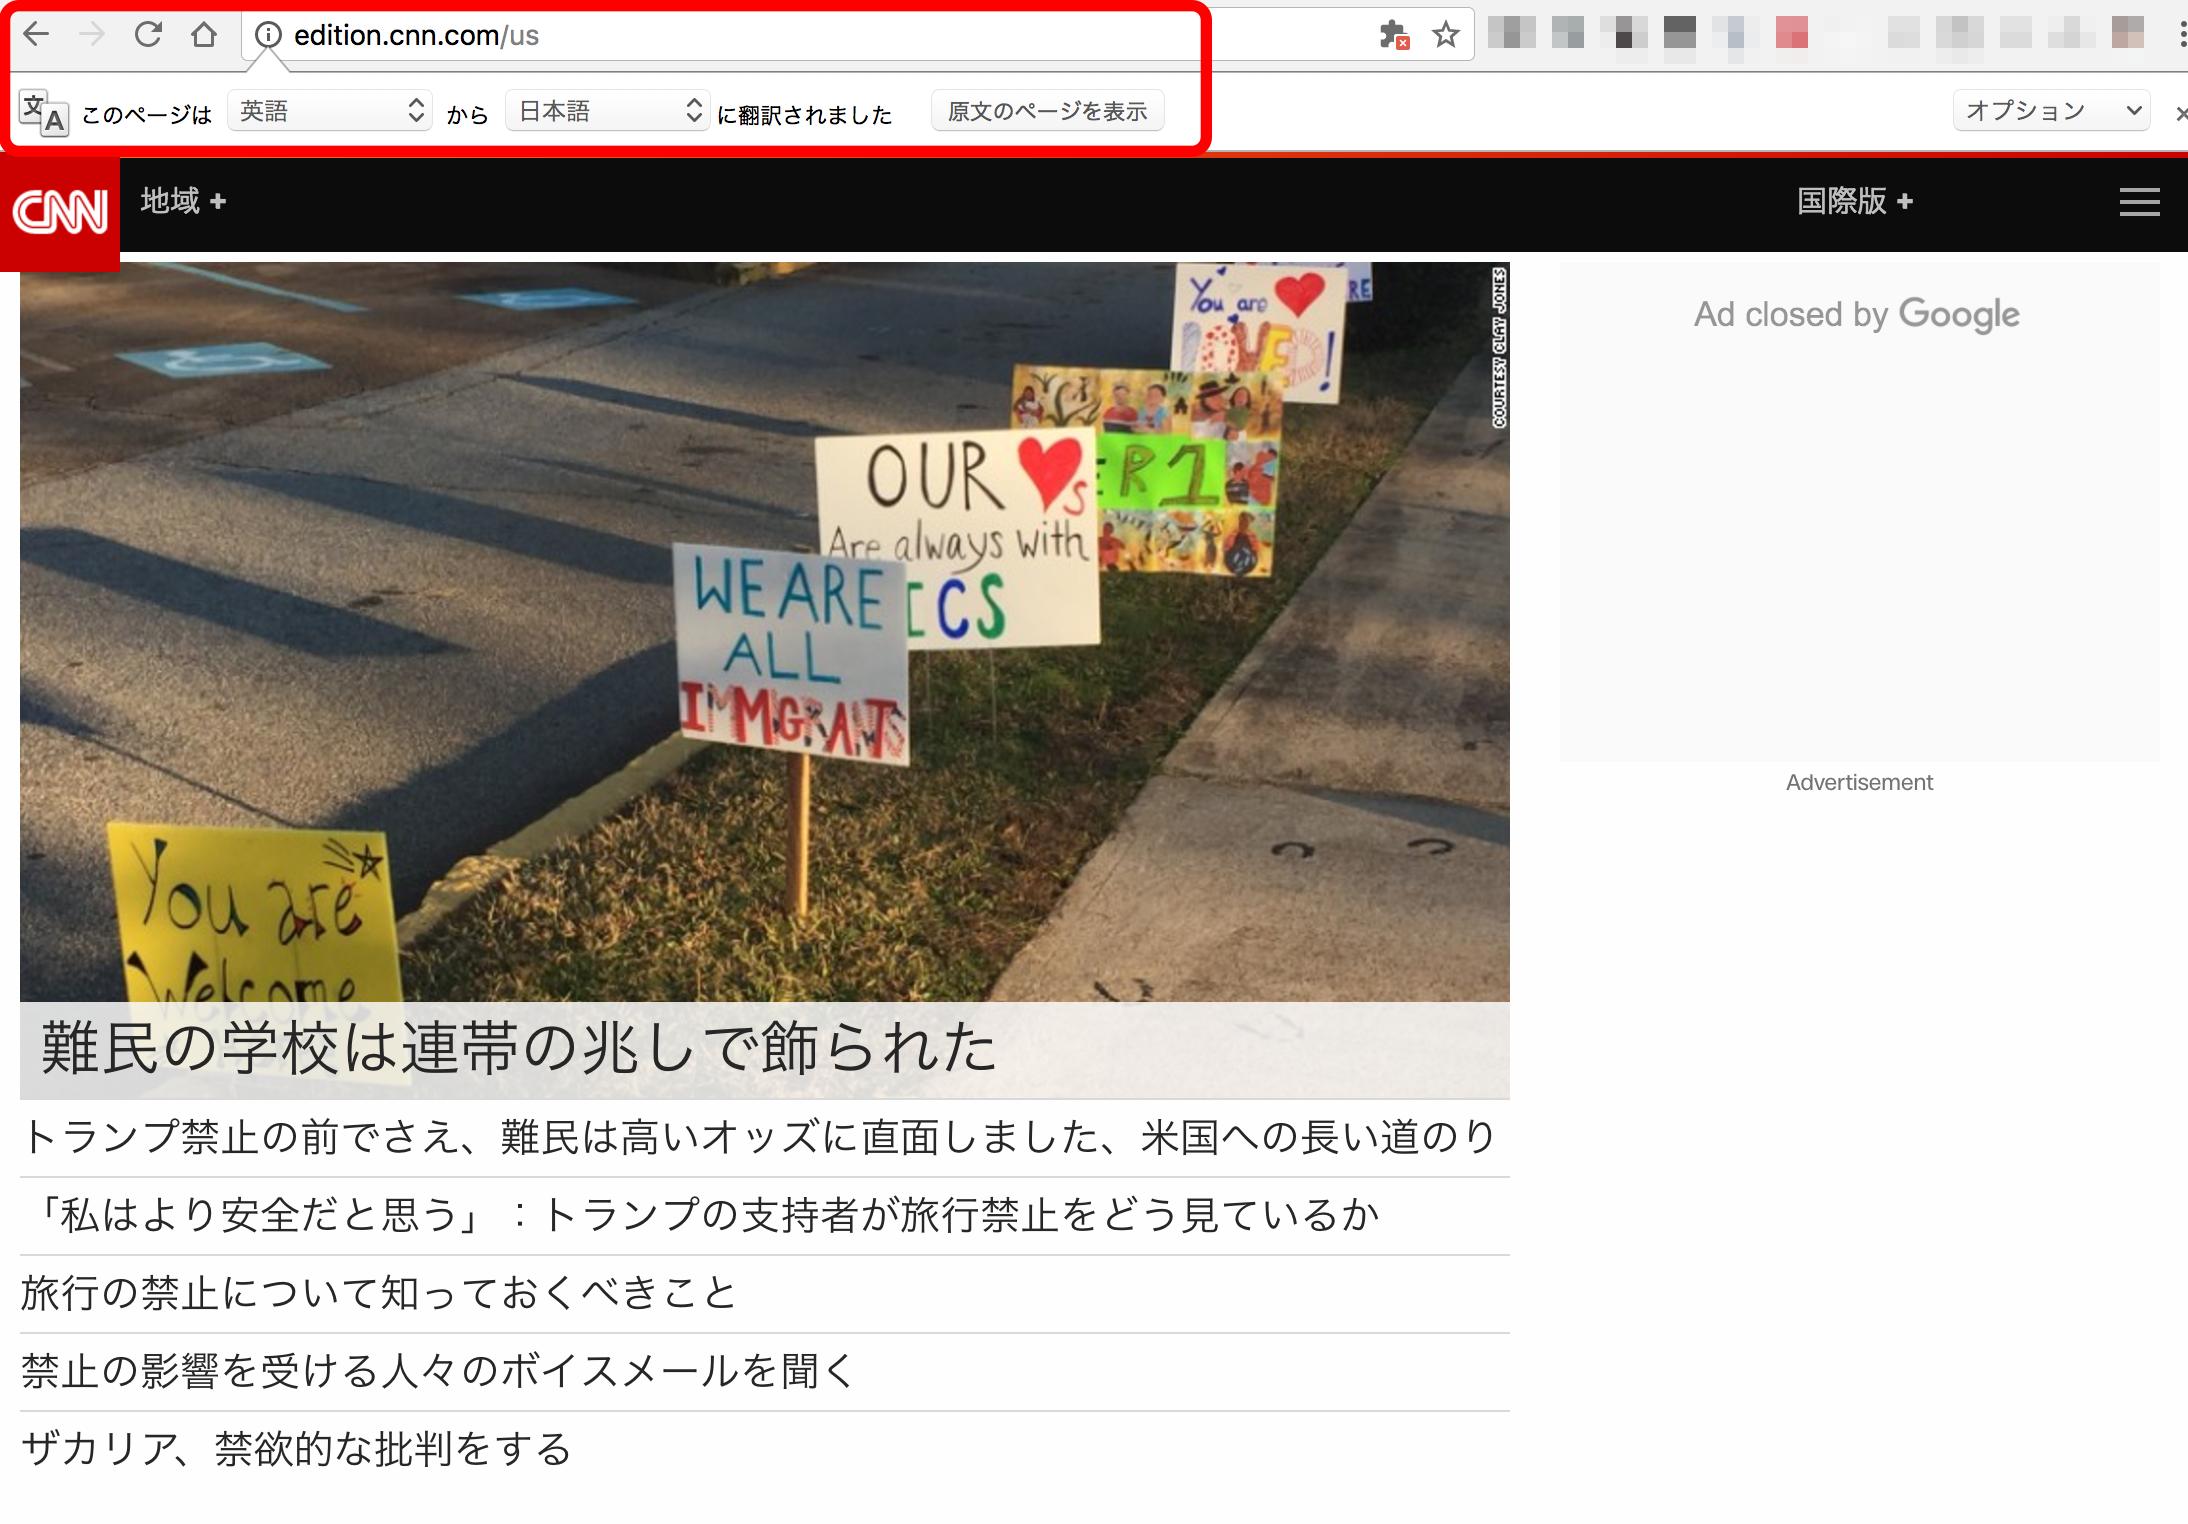 1クリックでページ全体を翻訳してくれます